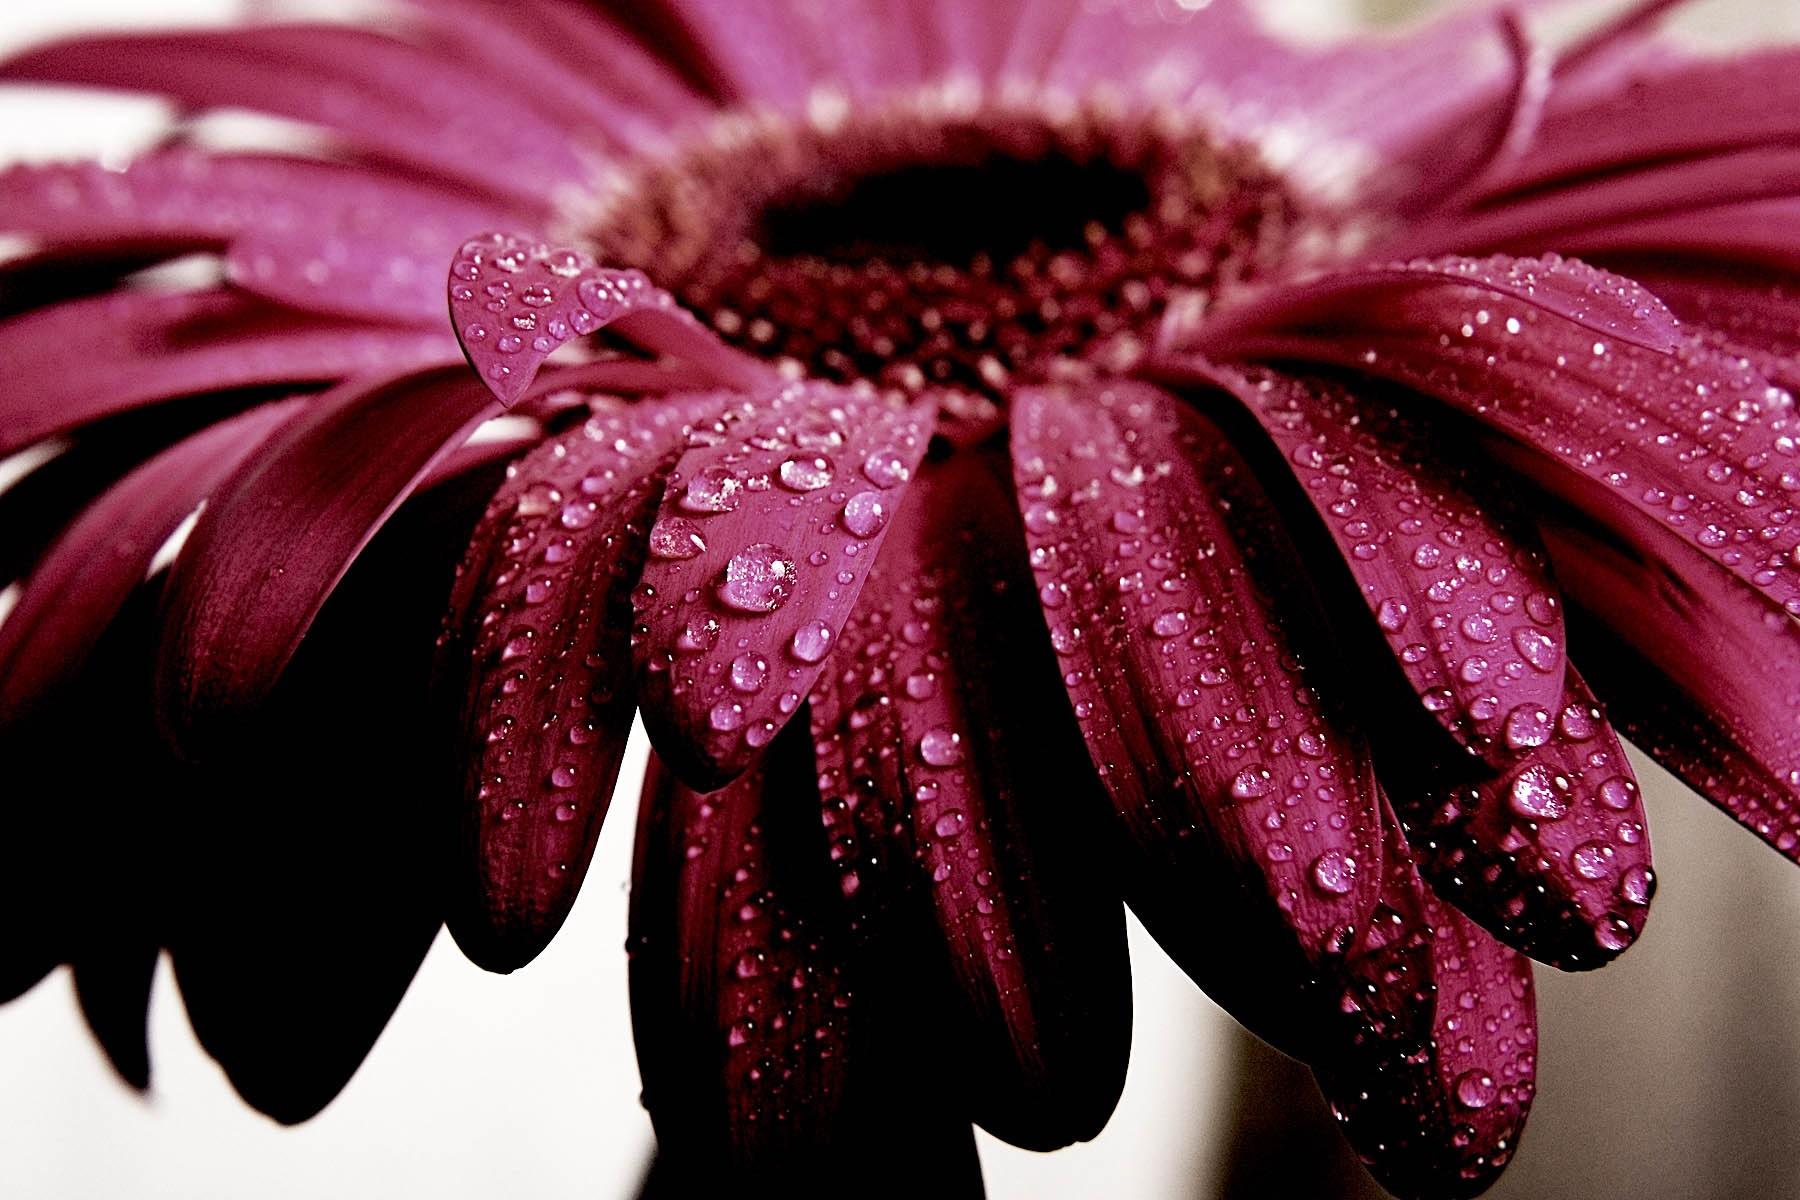 Тeмный цвeт изящнoй гeрбeры